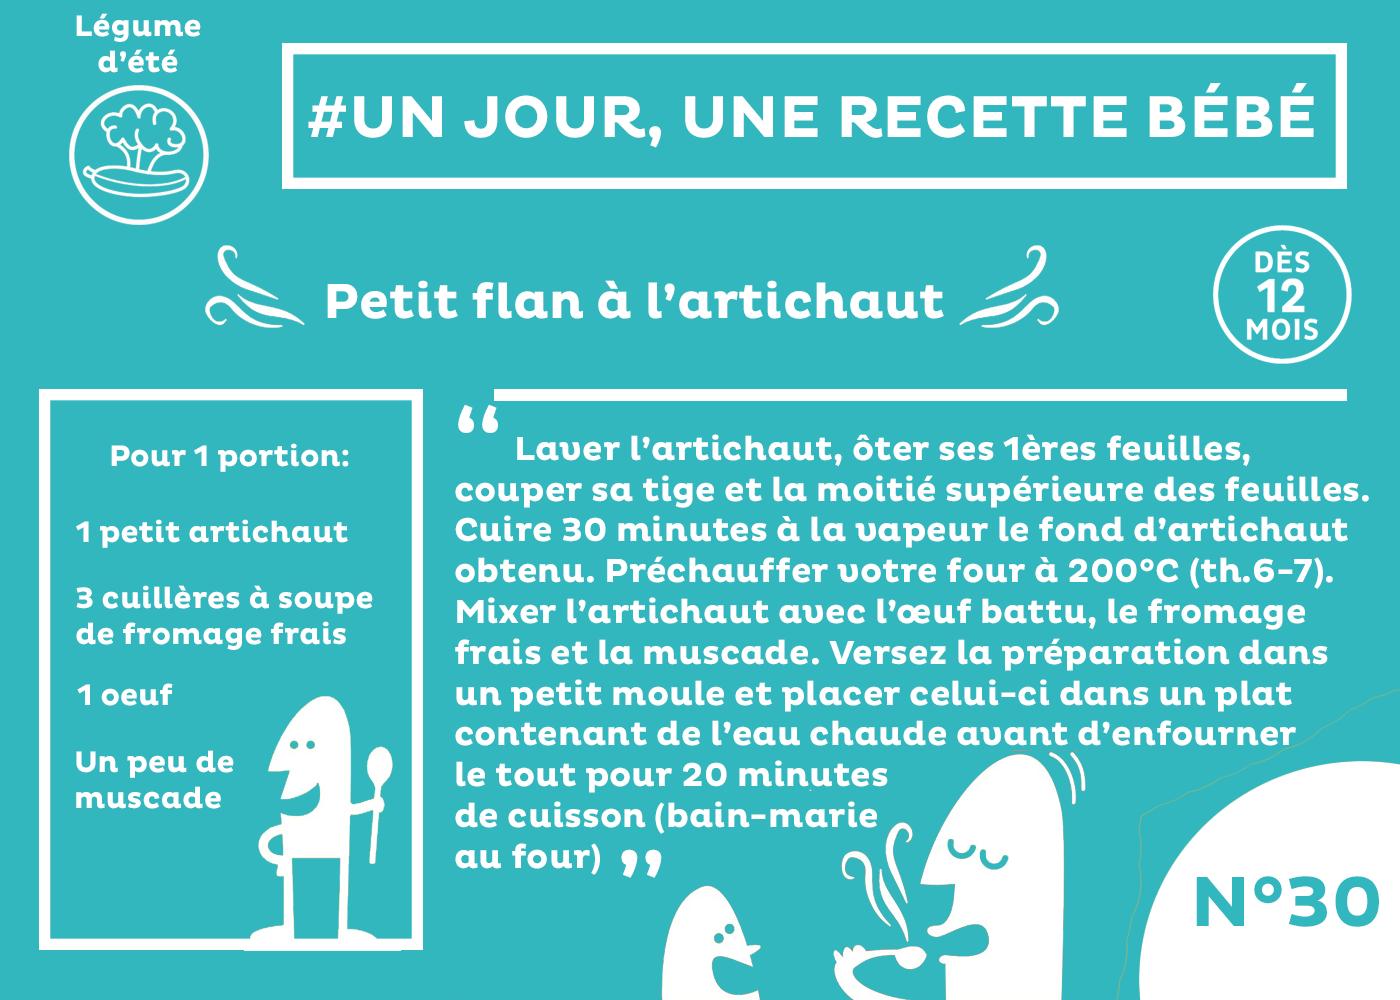 Recette Bebe Du Jour 30 Dessert Petit Flan A L Artichaut Recette Bebe Recette Repas Bebe